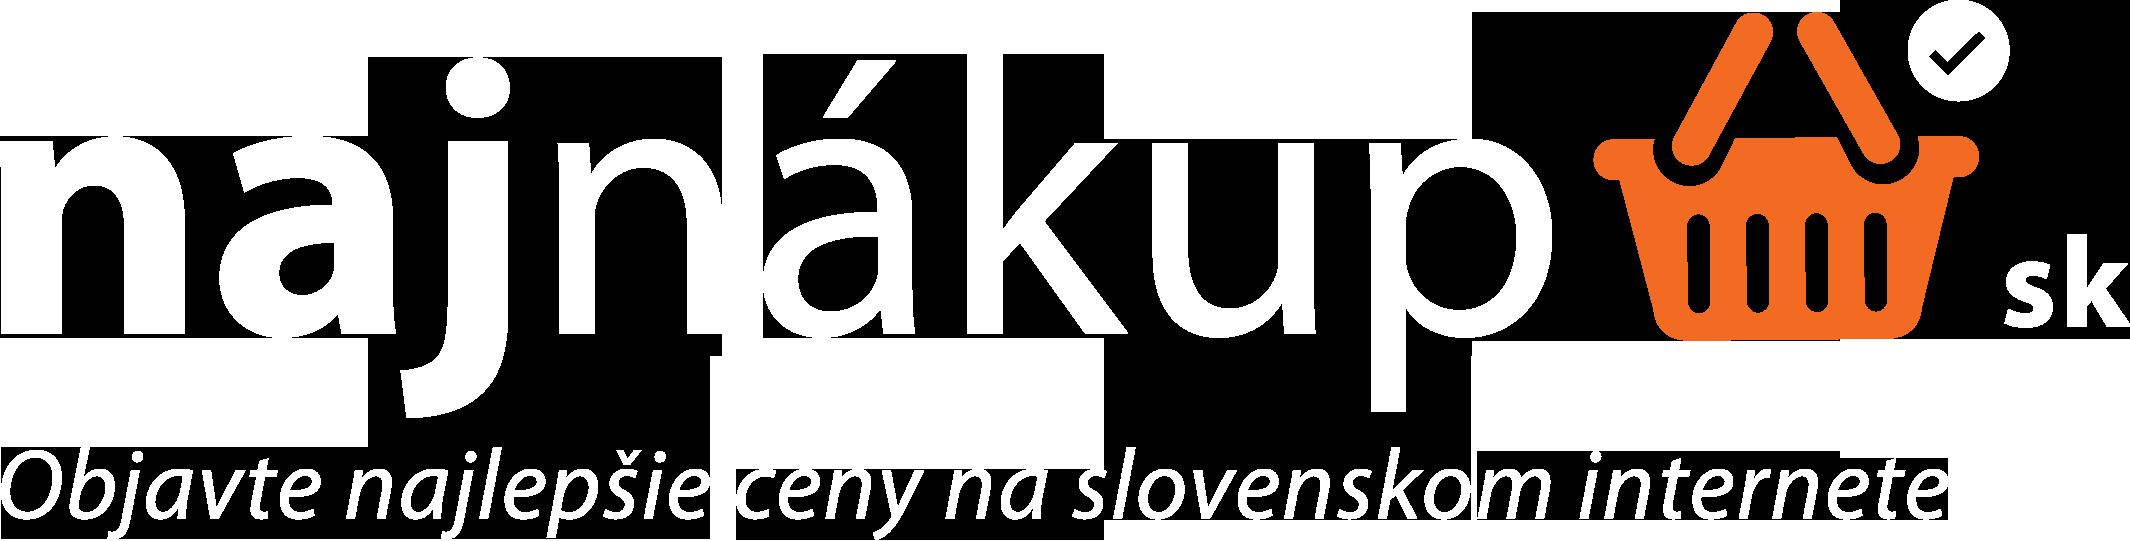 NajNakup.sk - Objavte najlepšie ceny na slovenskom internete.width=